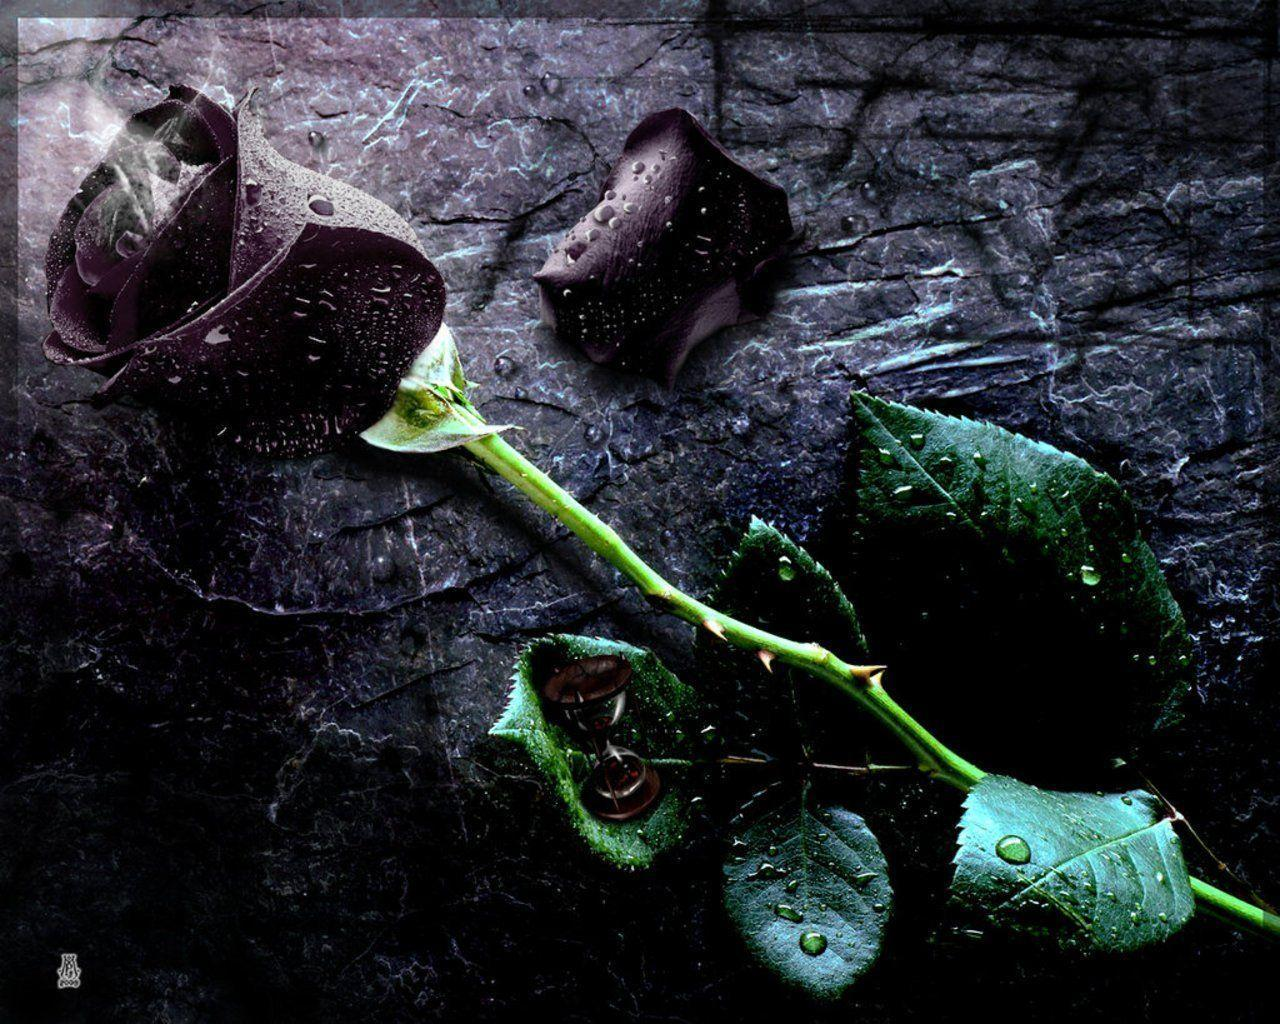 Black Rose Wallpapers - Wallpaper Cave